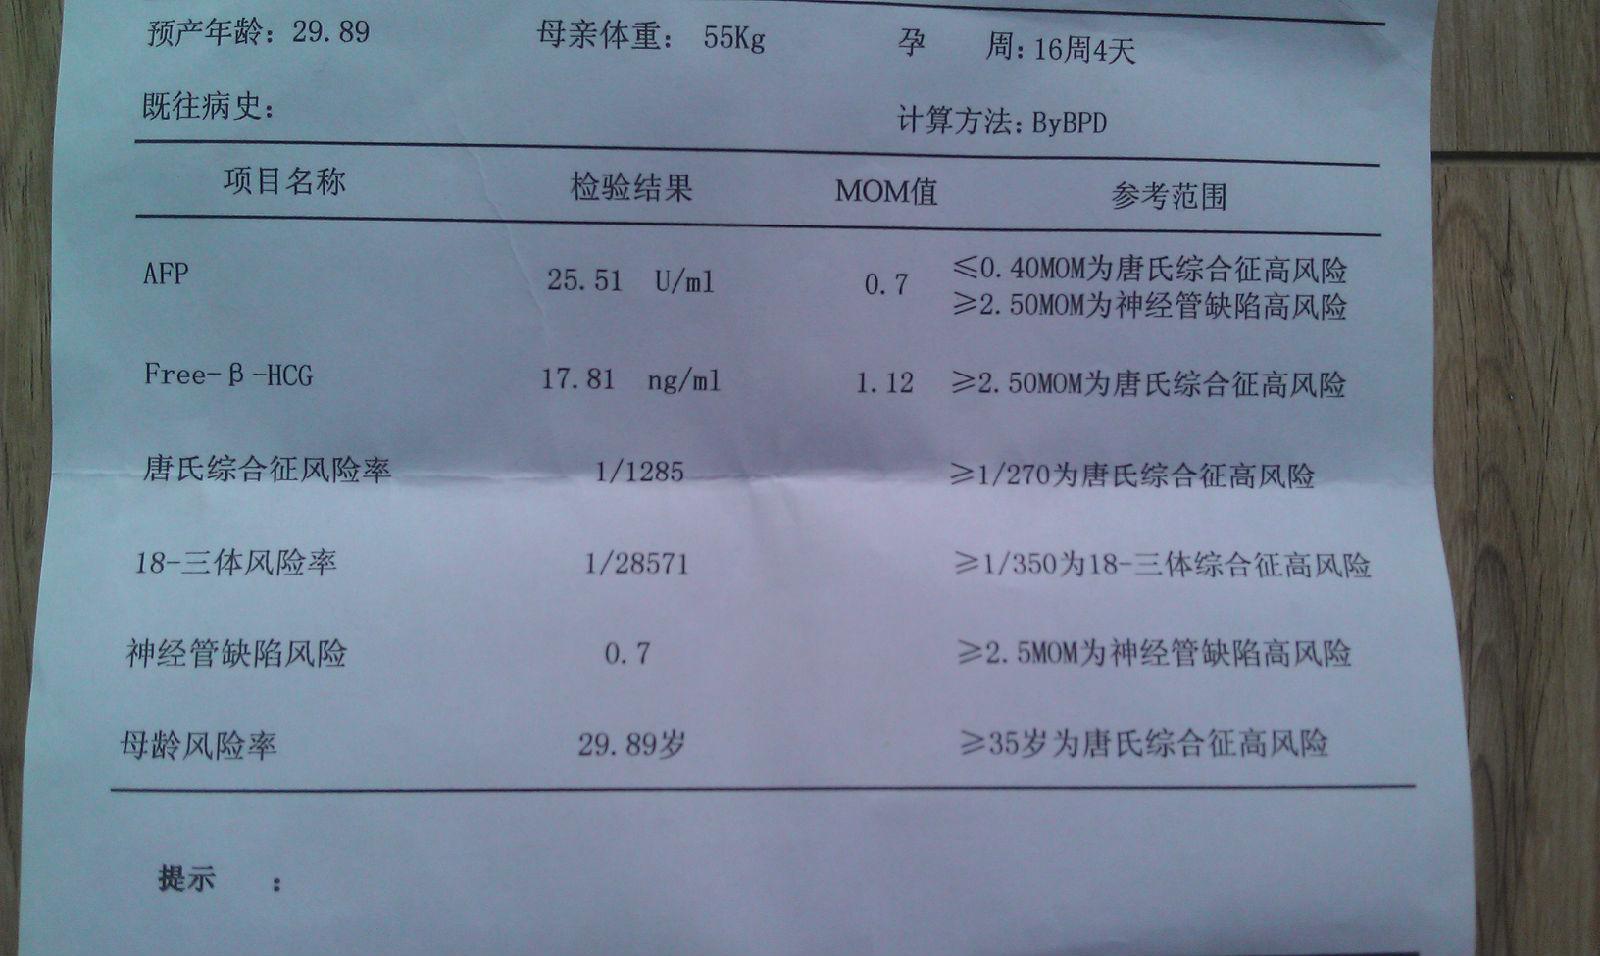 v初中初中,肝功出来了,总胆红素超标~?报告辅导班阳信图片